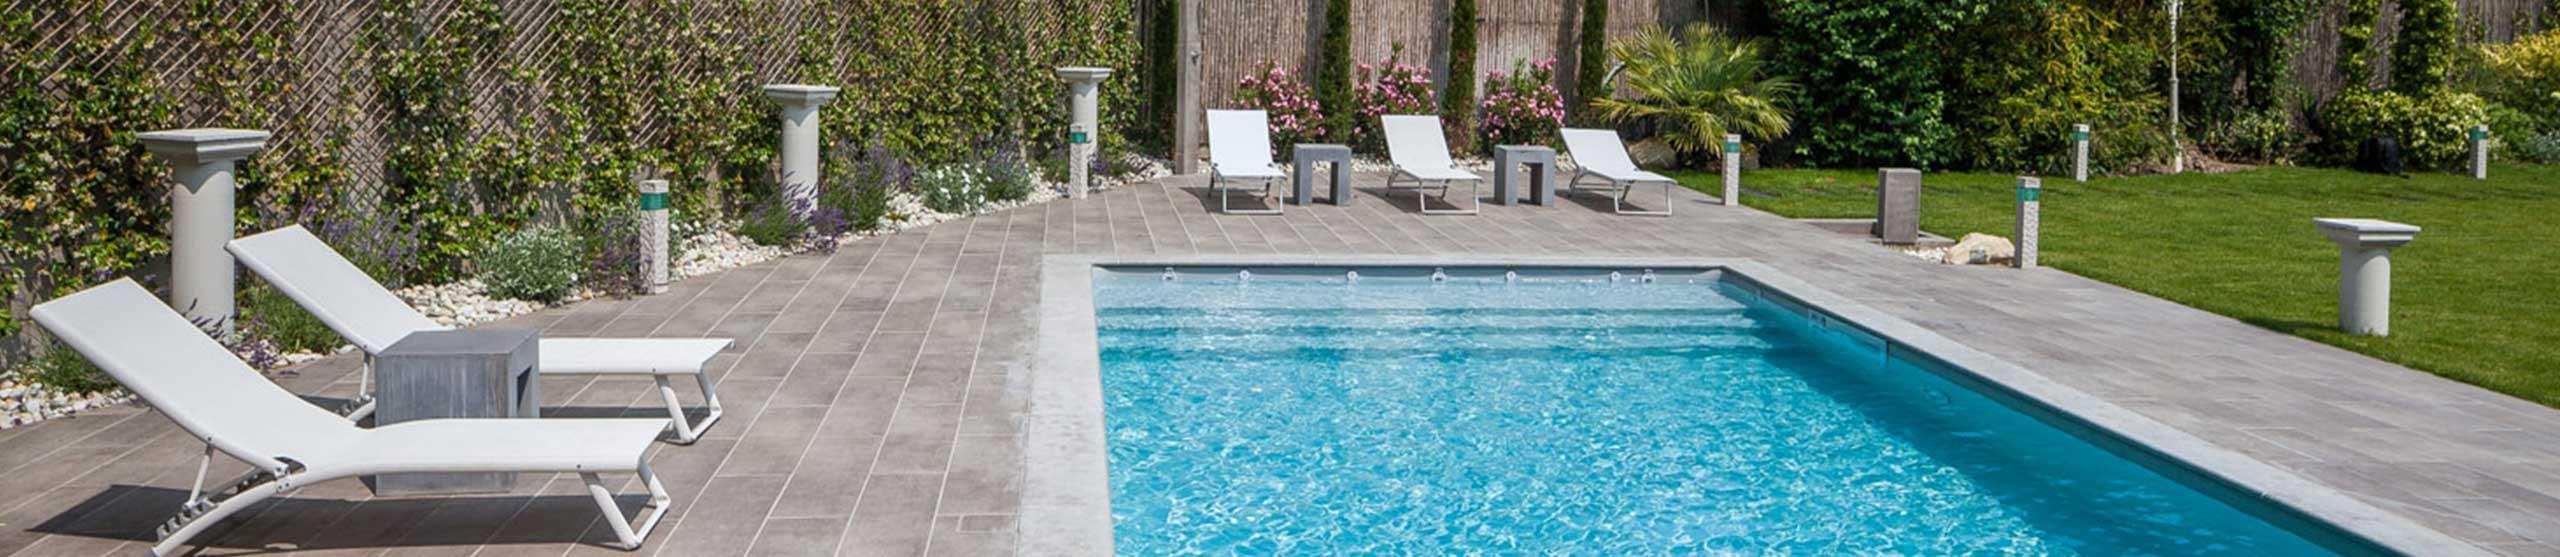 Nos procédés de construction modulaires vous font bénéficier: d'une piscine en béton au prix du synthétique ! Grand choix de possibilités pour tous les goûts !